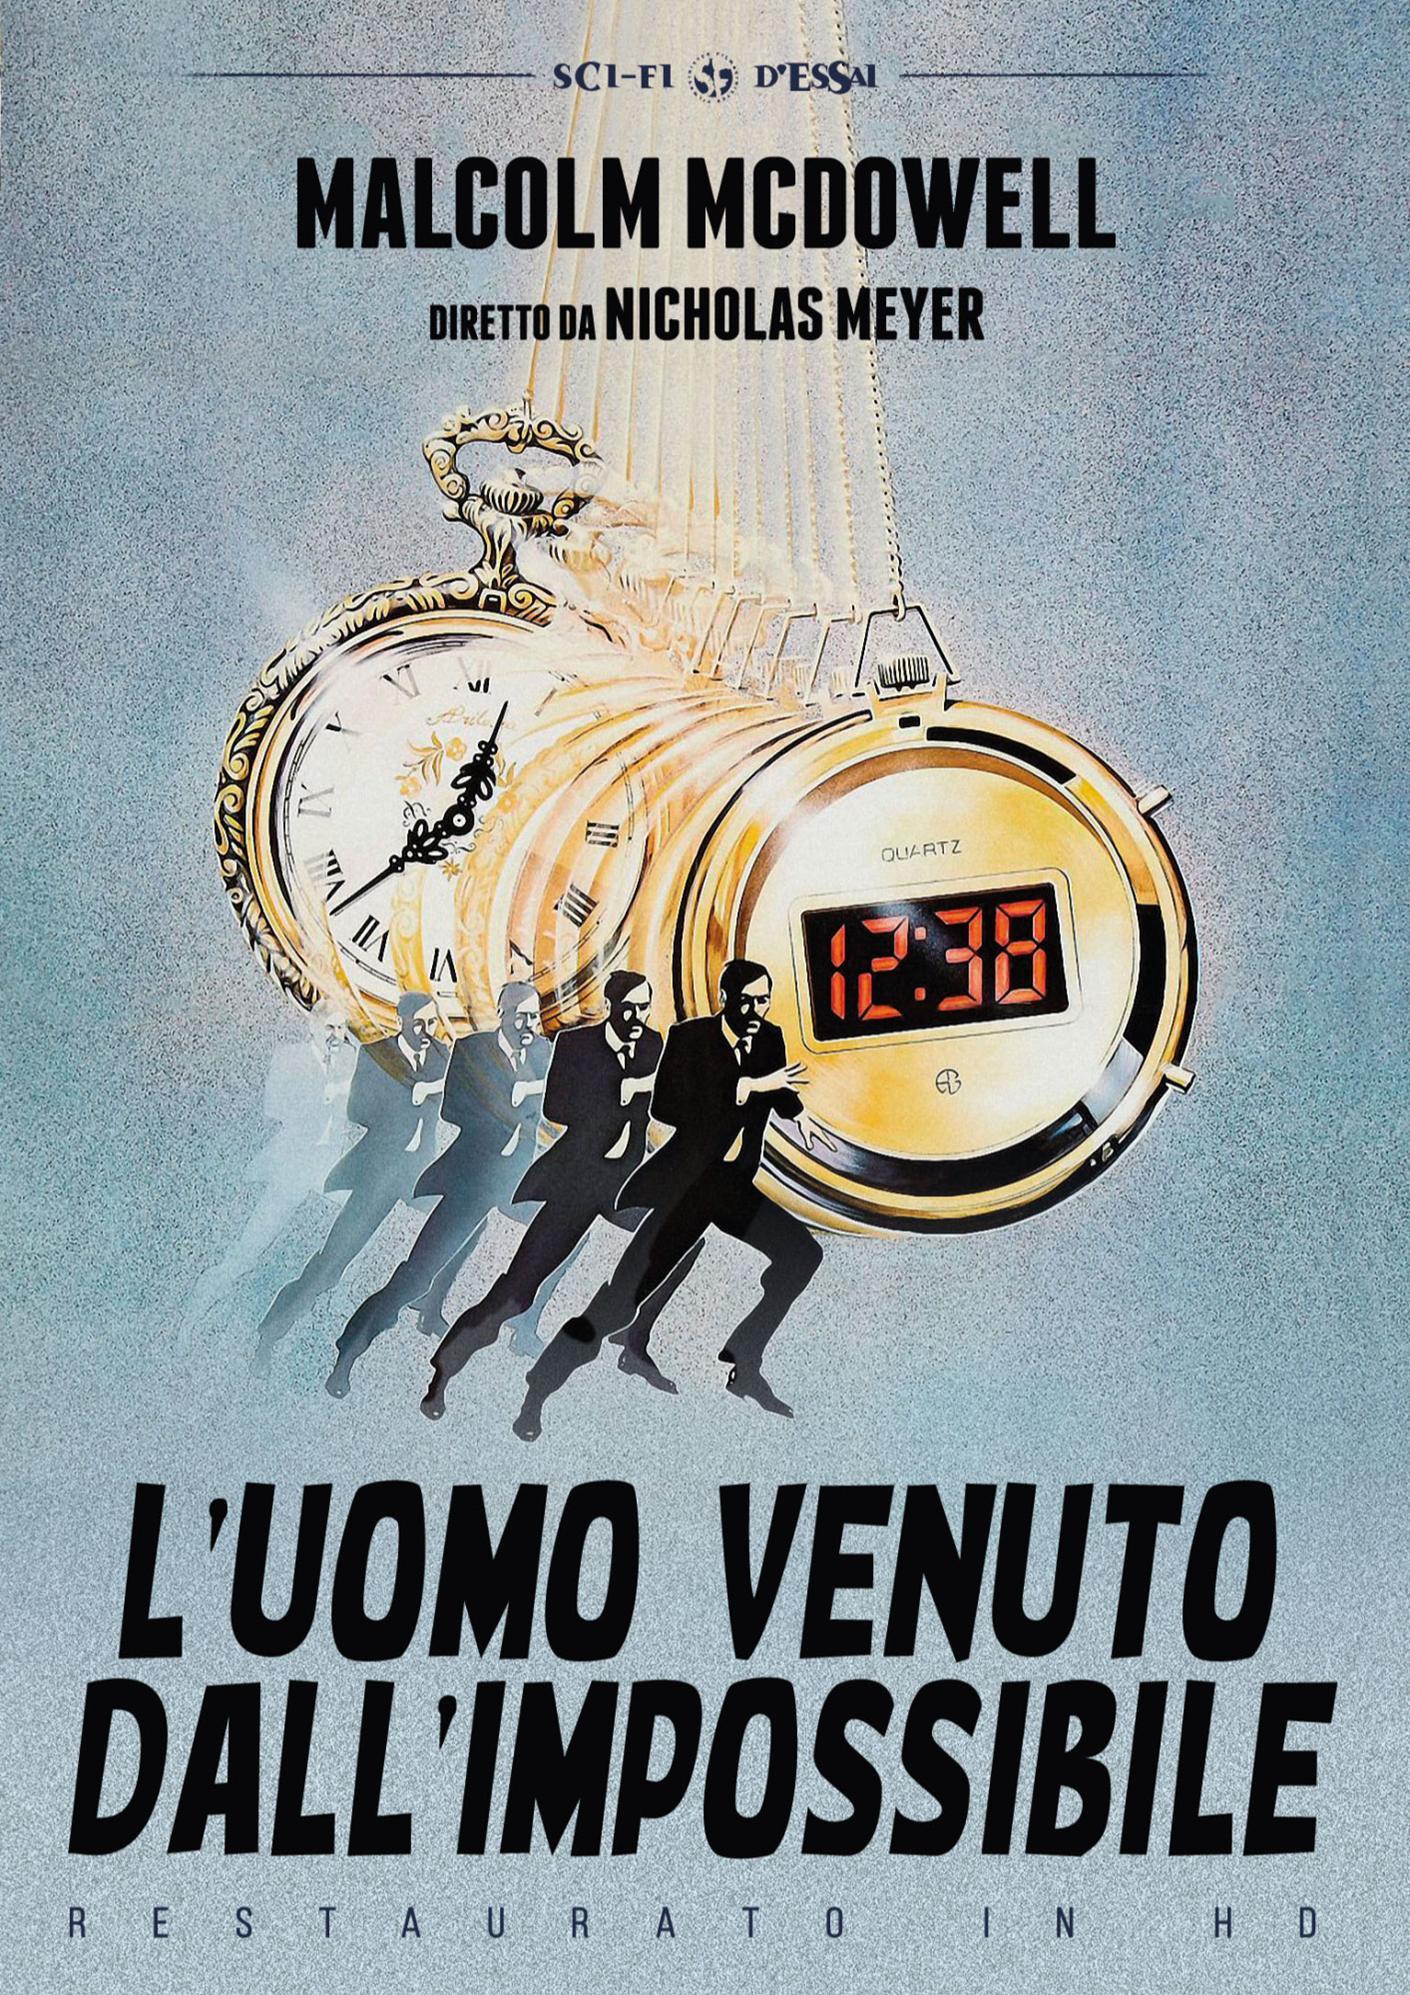 L'UOMO VENUTO DALL'IMPOSSIBILE (RESTAURATO IN HD) (DVD)